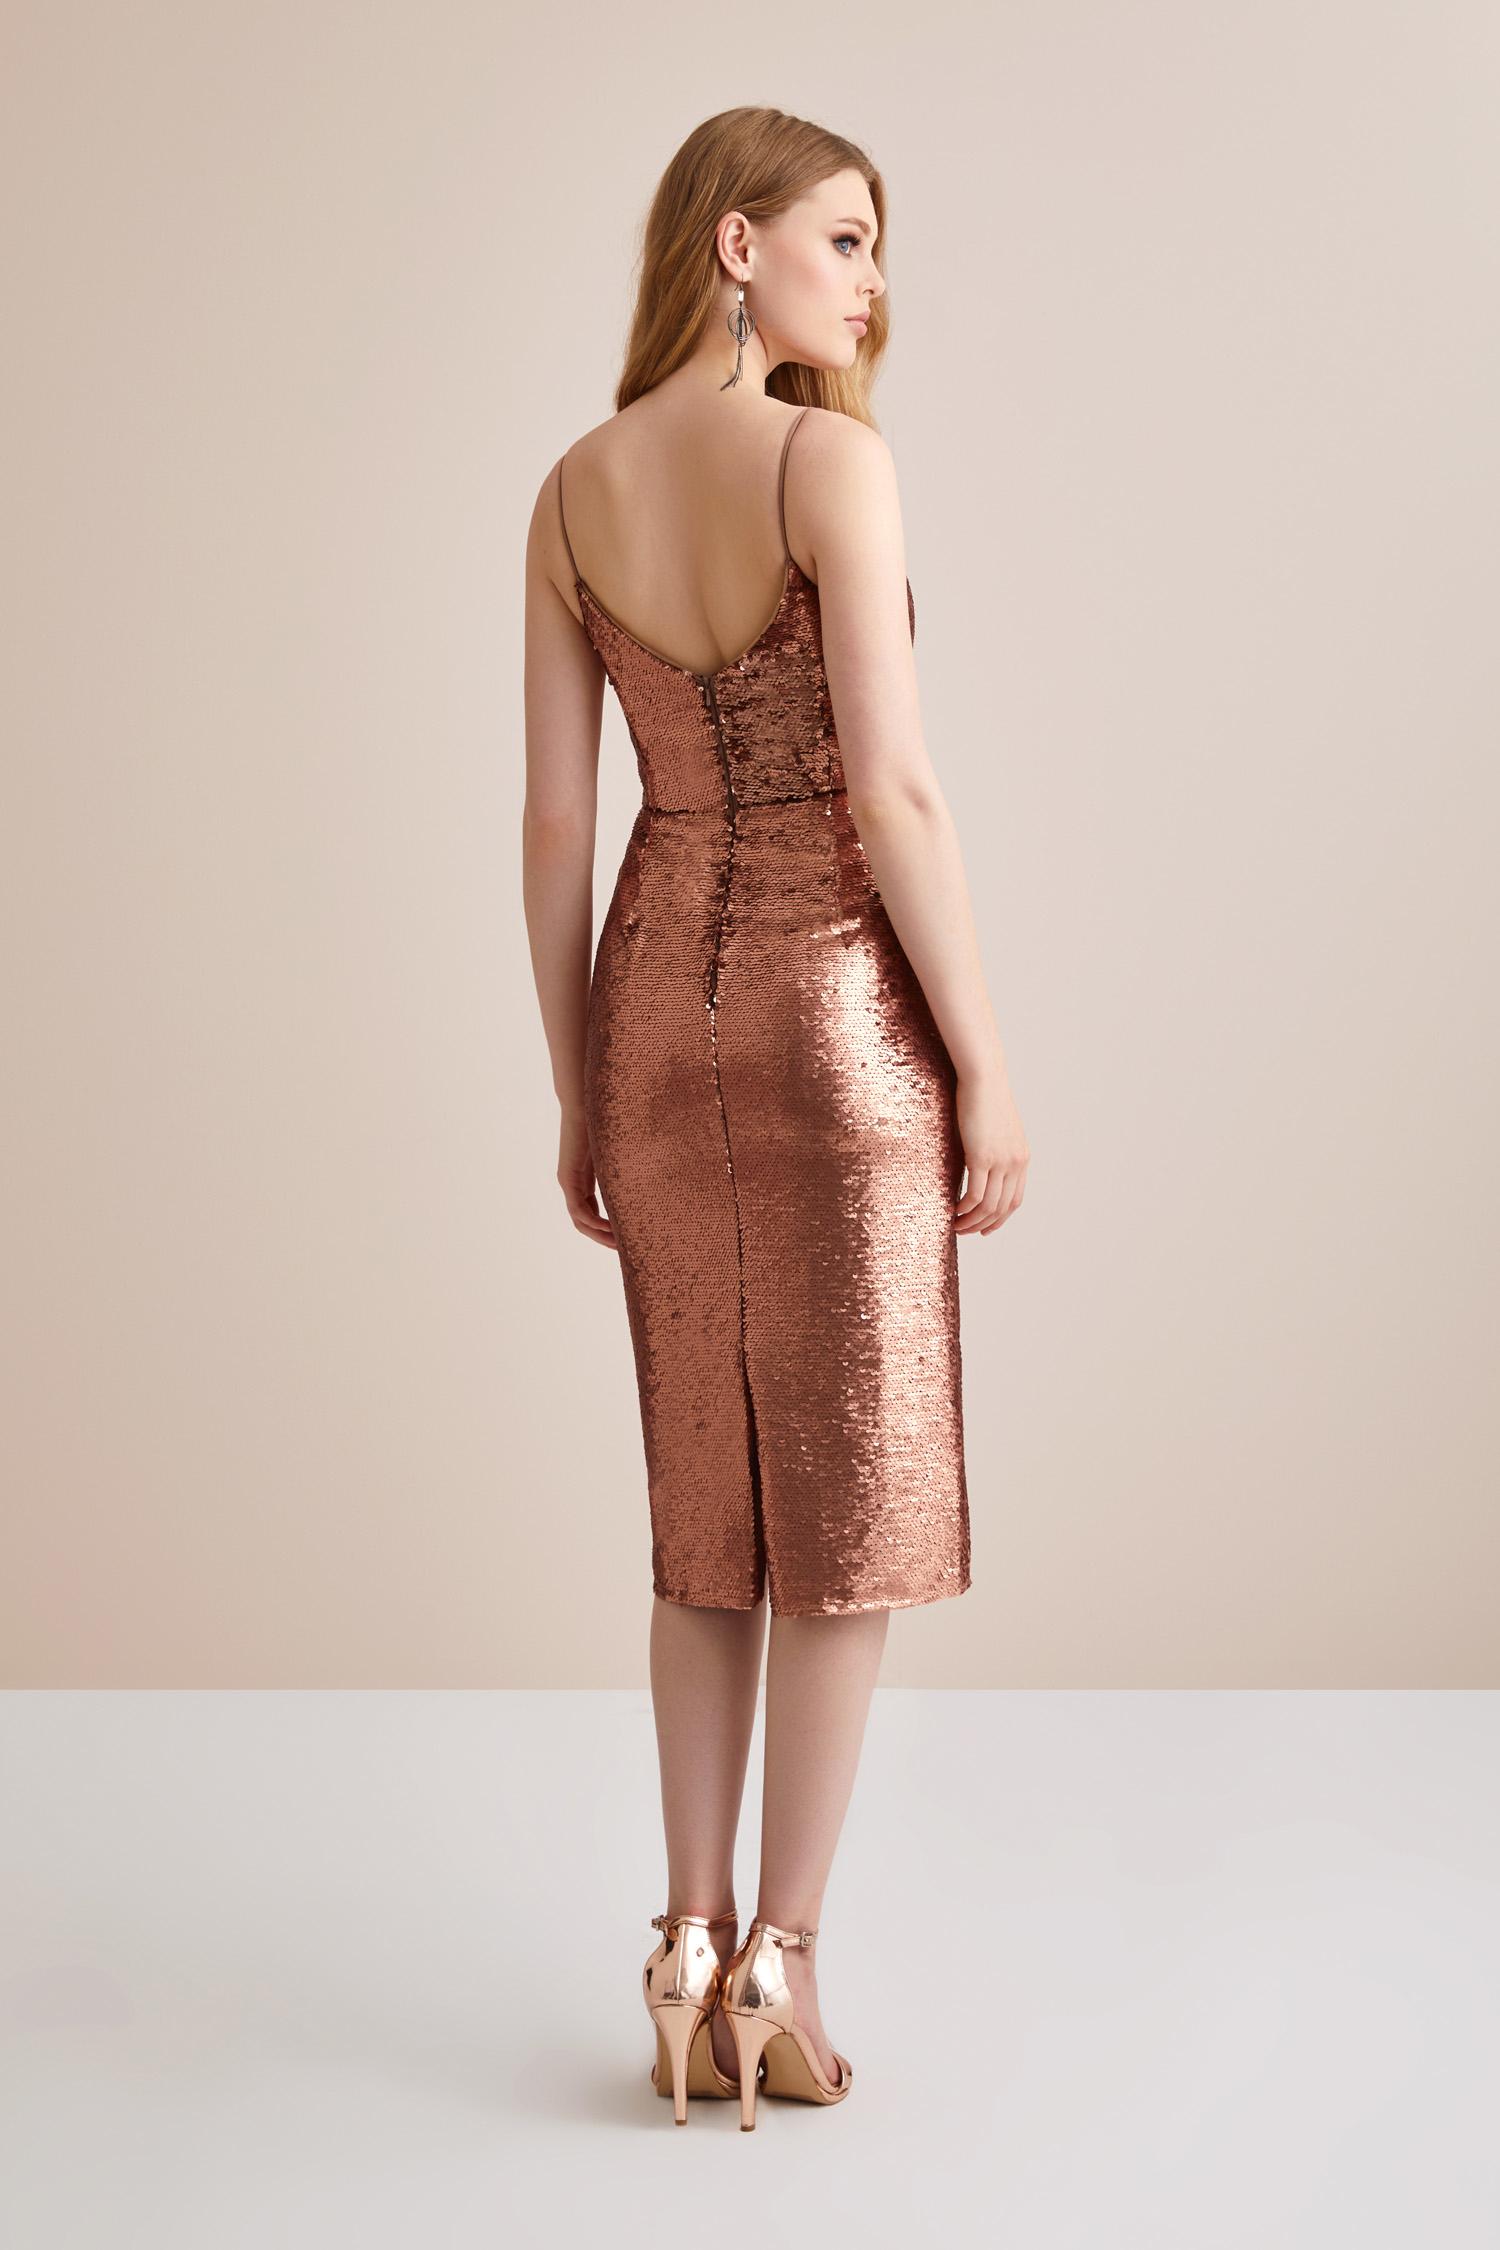 Bronz İp Askılı Pullu Abiye Elbise - Thumbnail